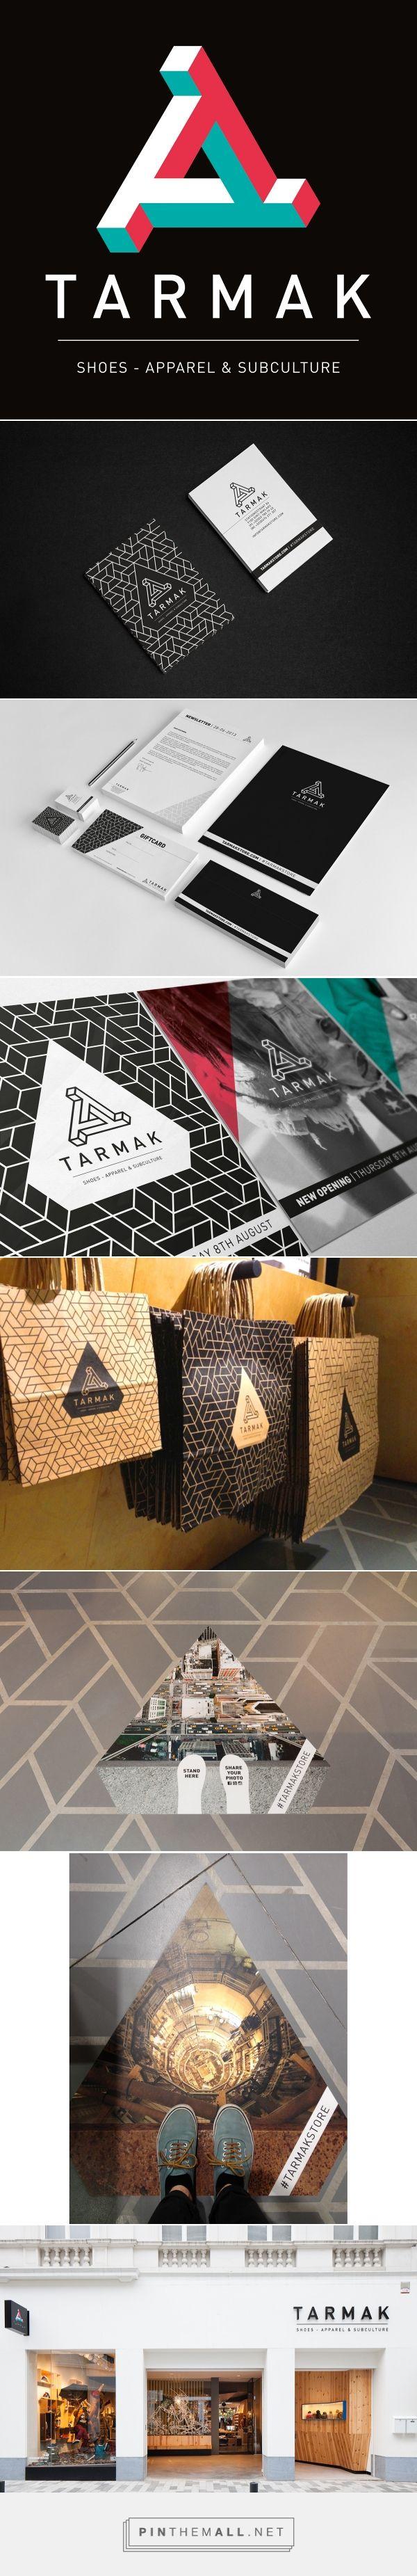 Tarmak Branding on Behance